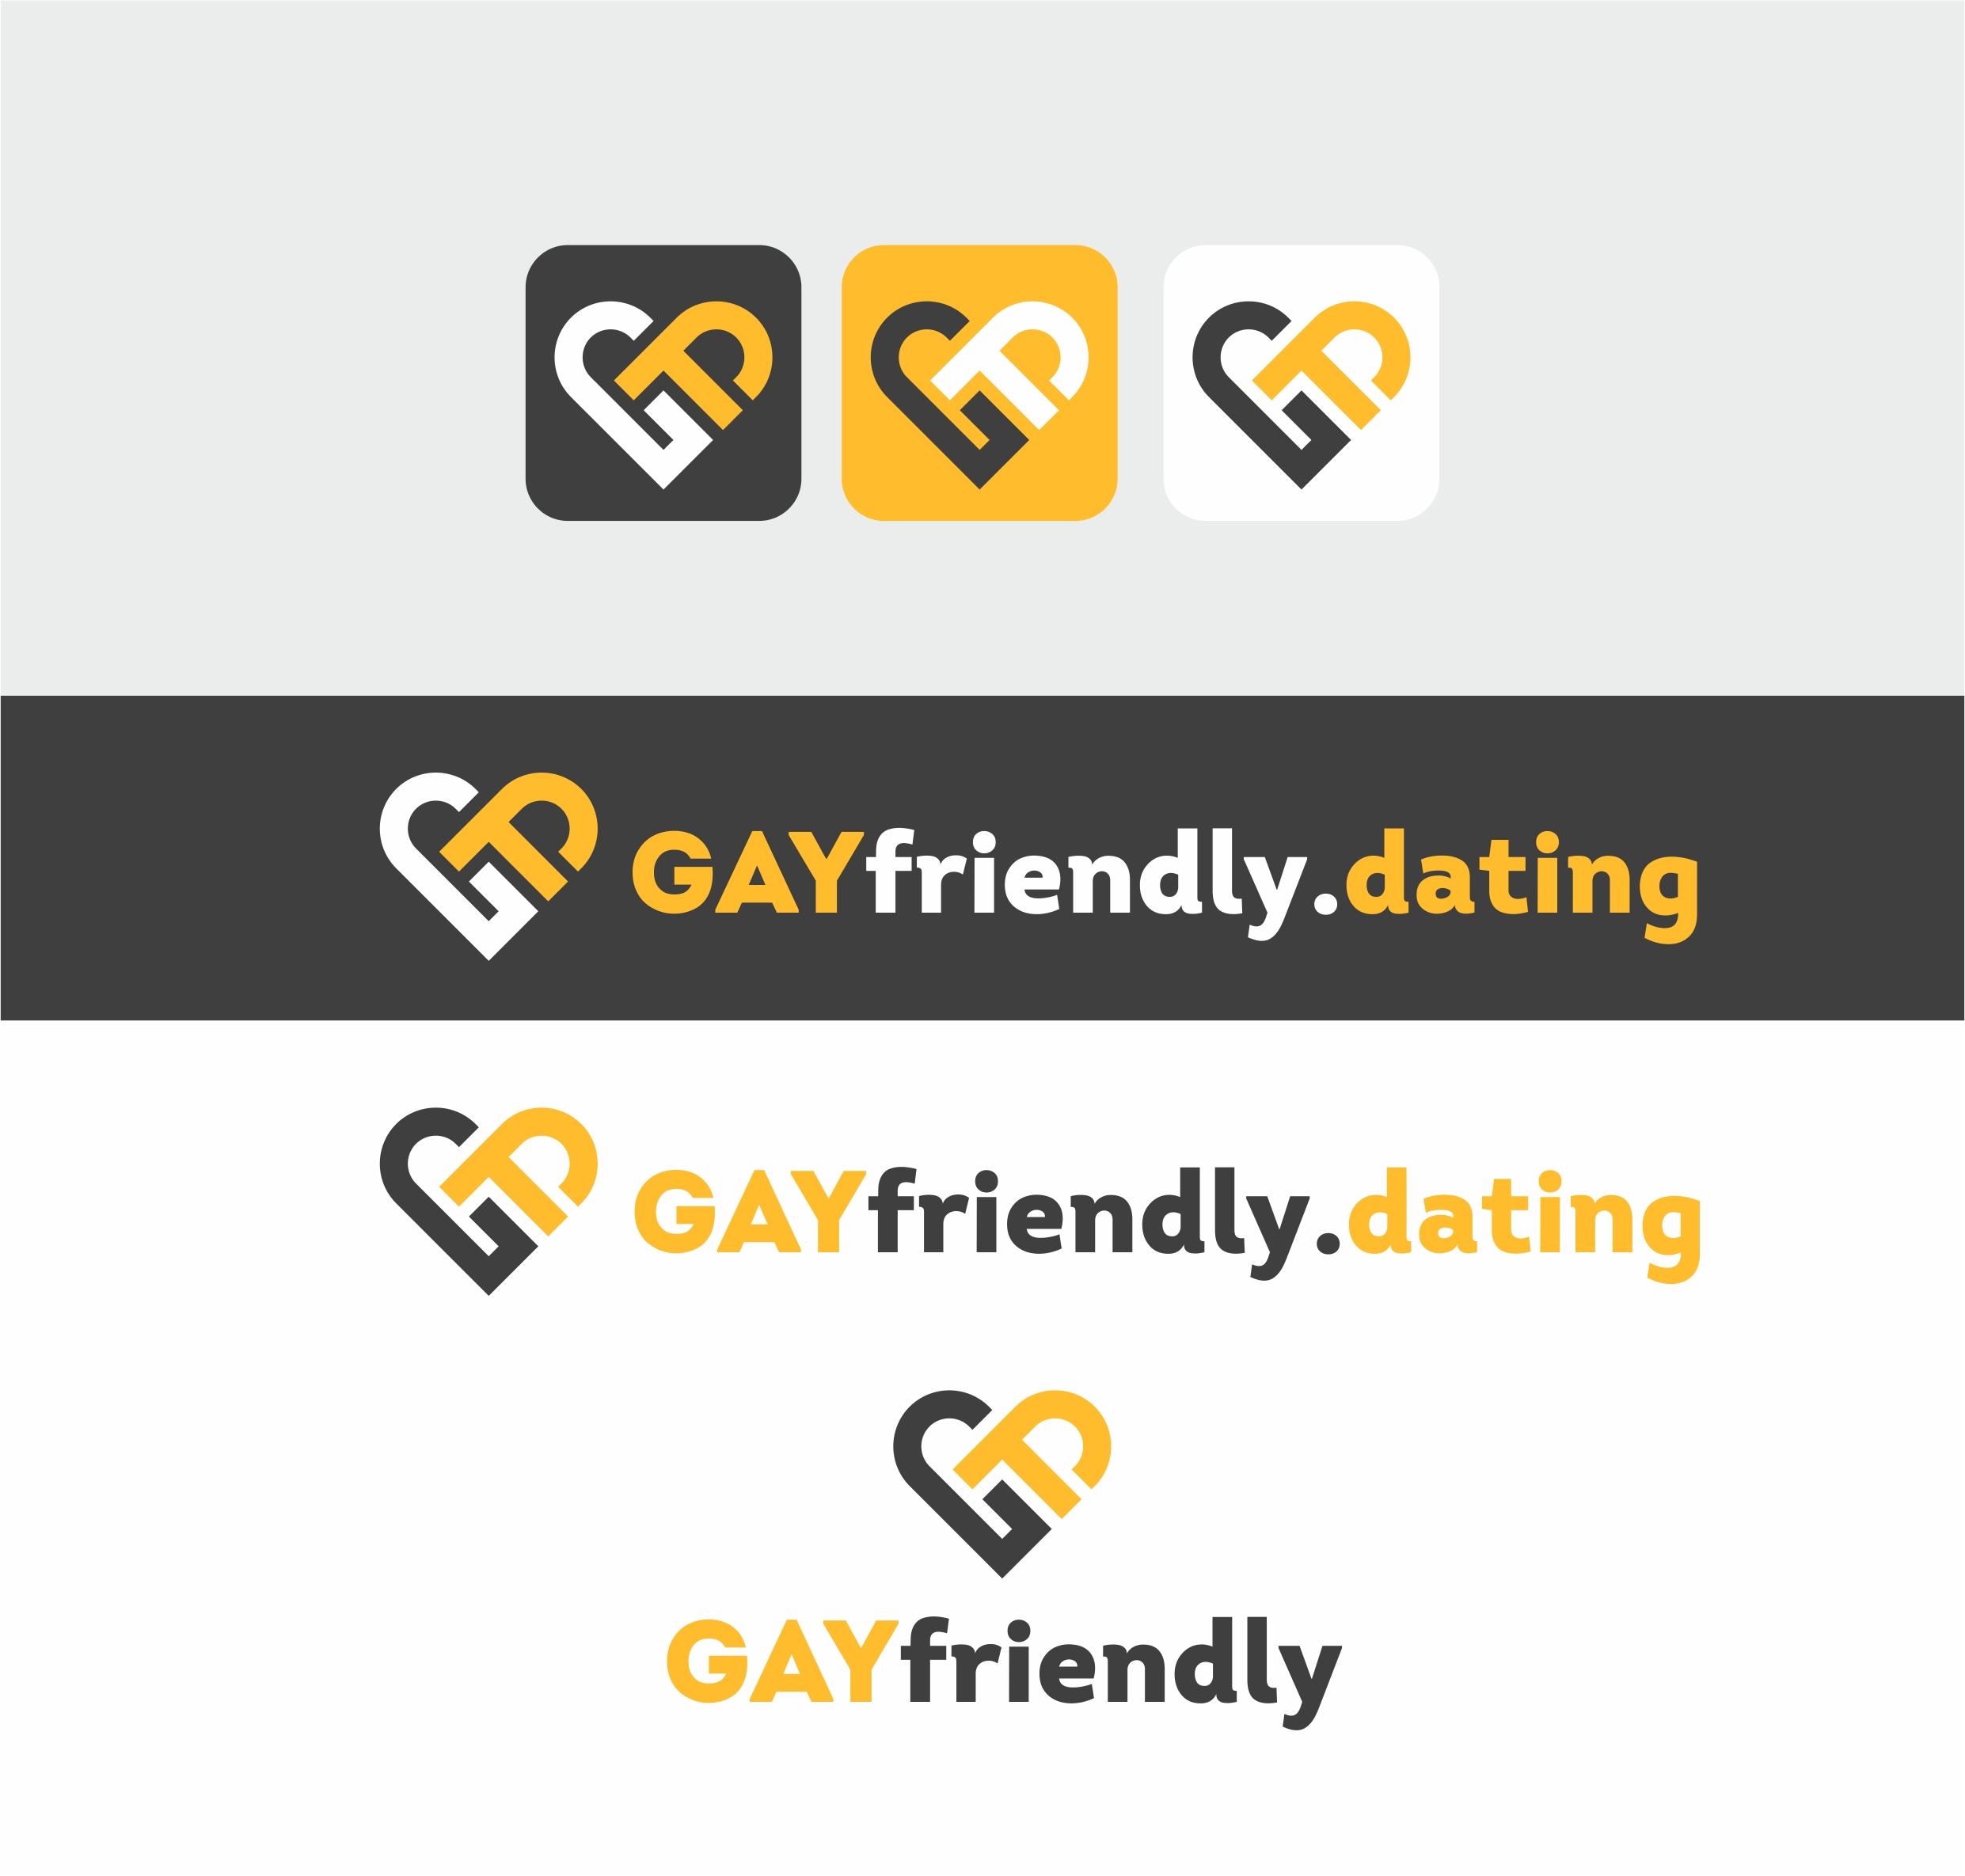 Разработать логотип для англоязычн. сайта знакомств для геев фото f_3795b42f8c38c4d9.jpg